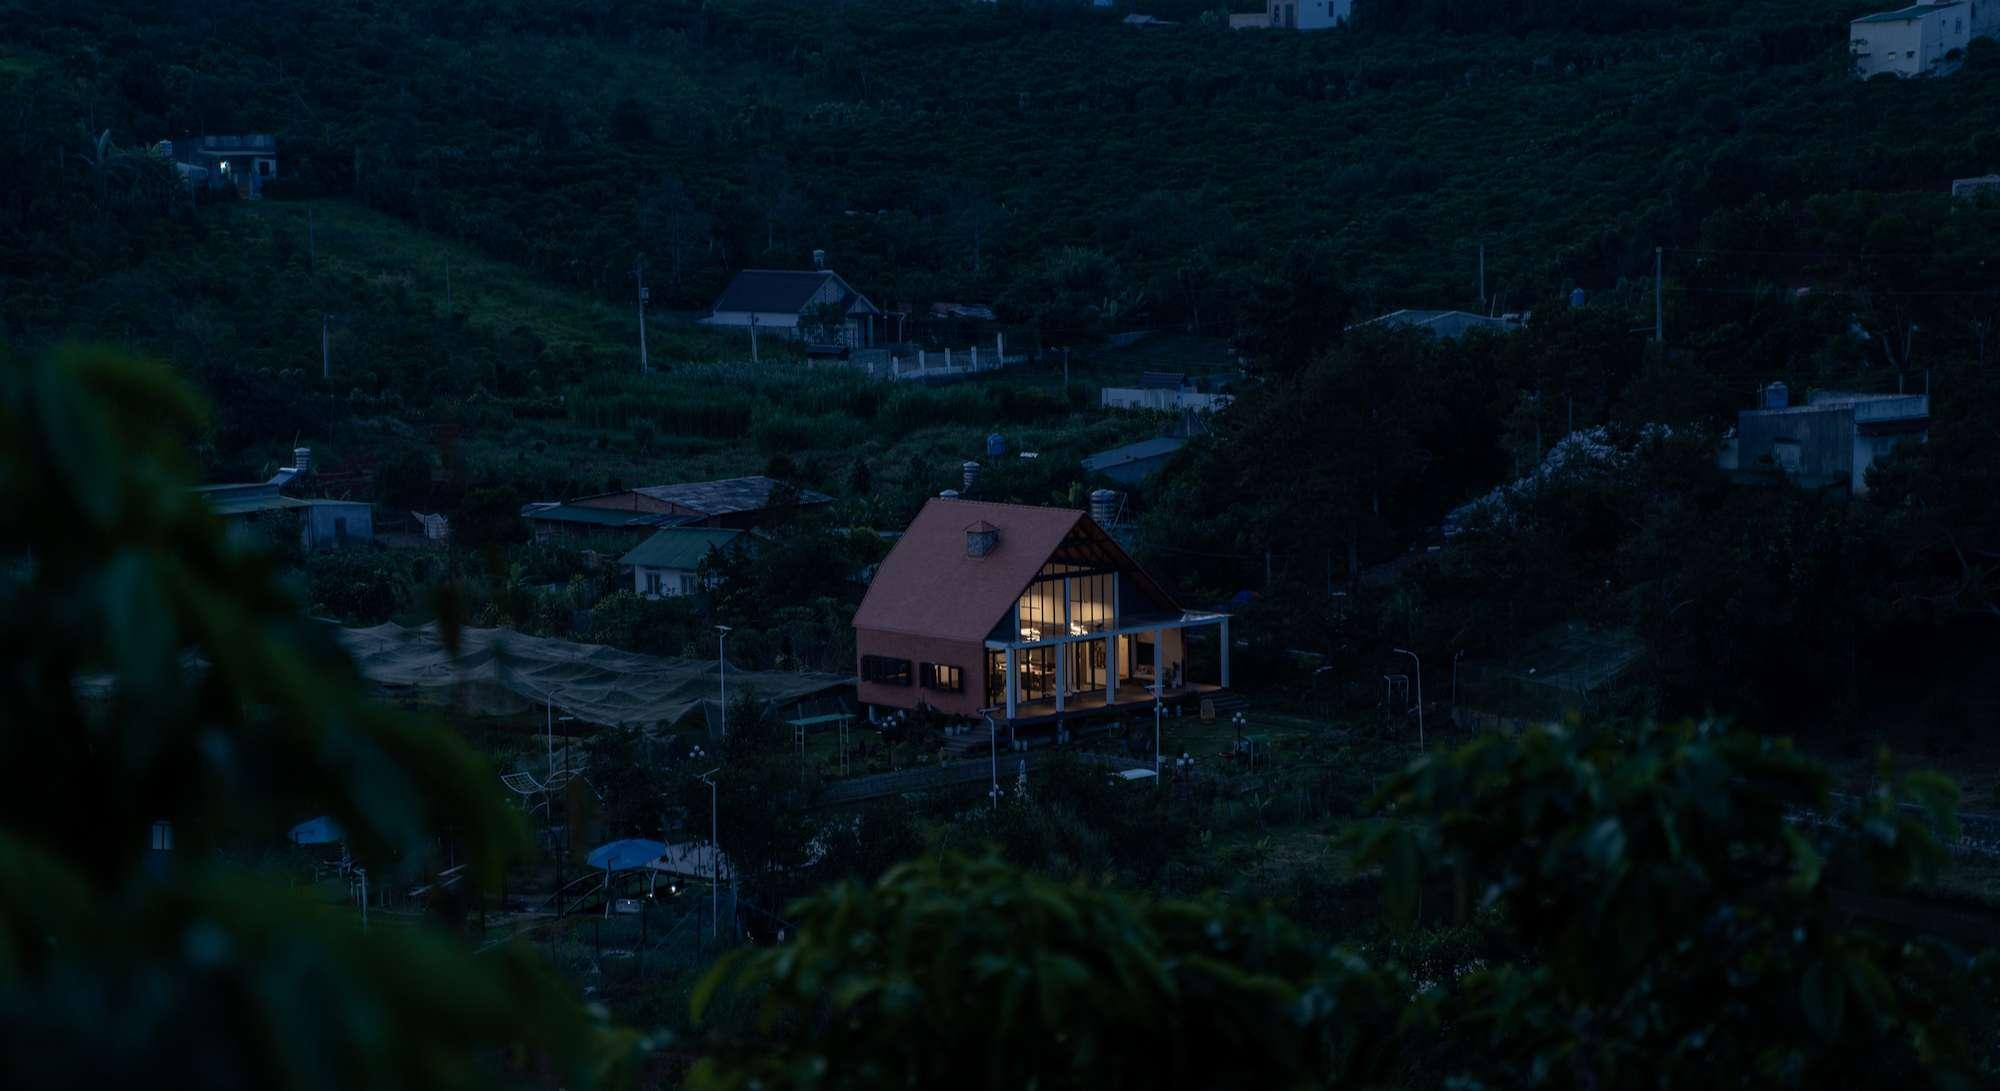 Nhìn từ xa, căn nhà nổi bật giữa thung lũng.